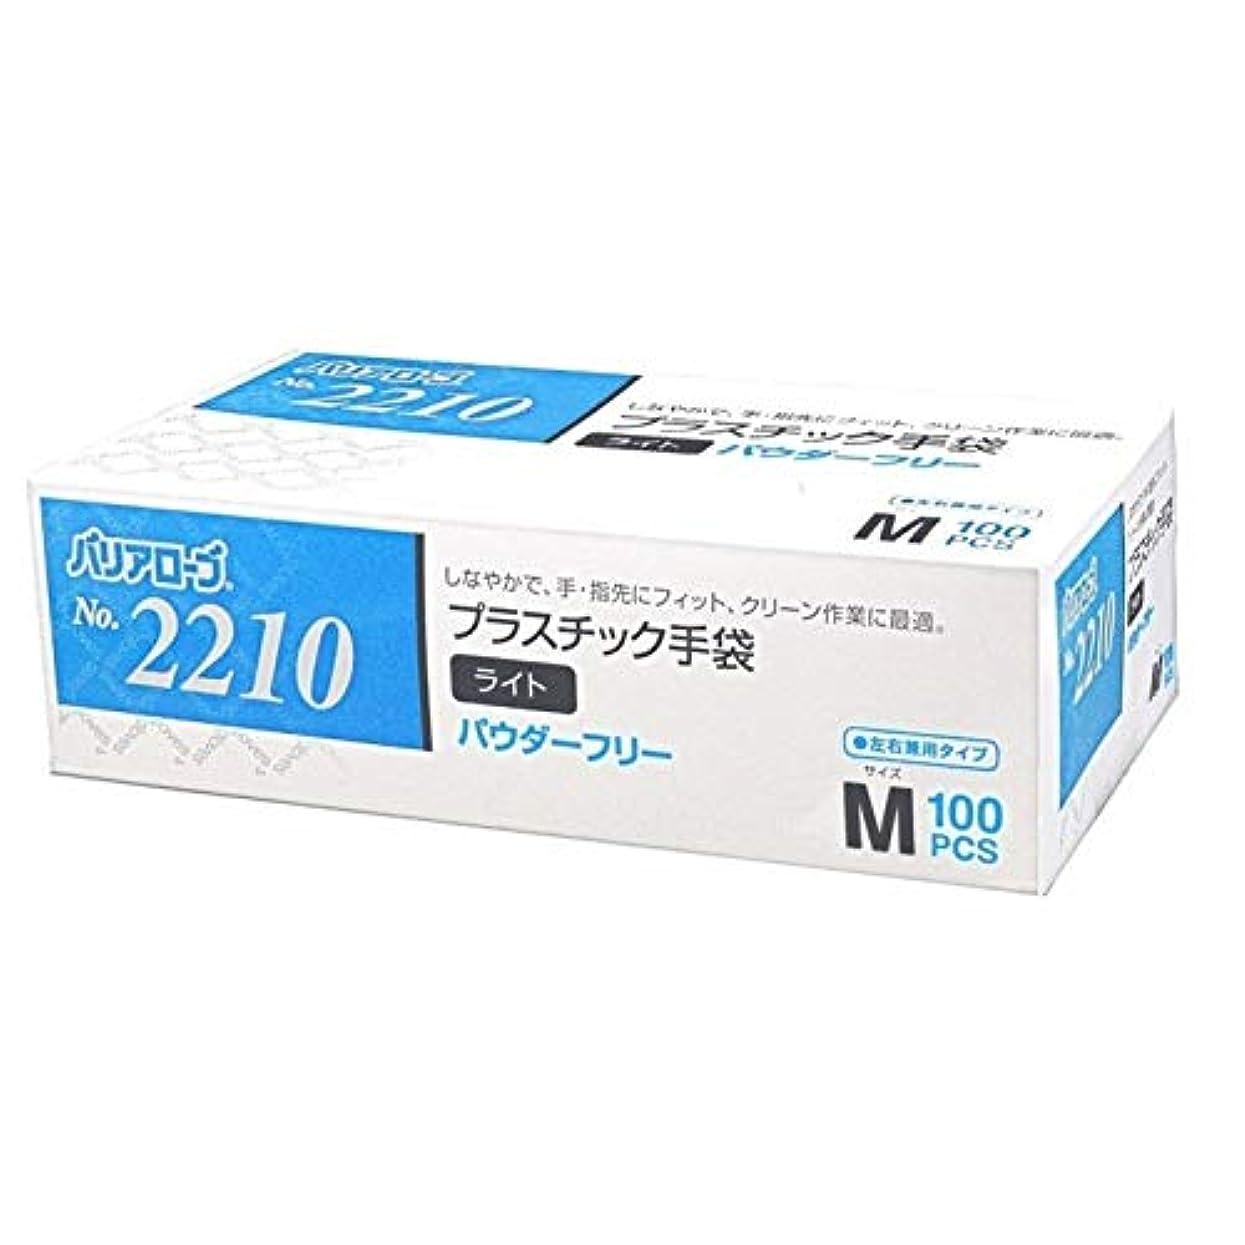 バインド費やす成果【ケース販売】 バリアローブ №2210 プラスチック手袋 ライト (パウダーフリー) M 2000枚(100枚×20箱)